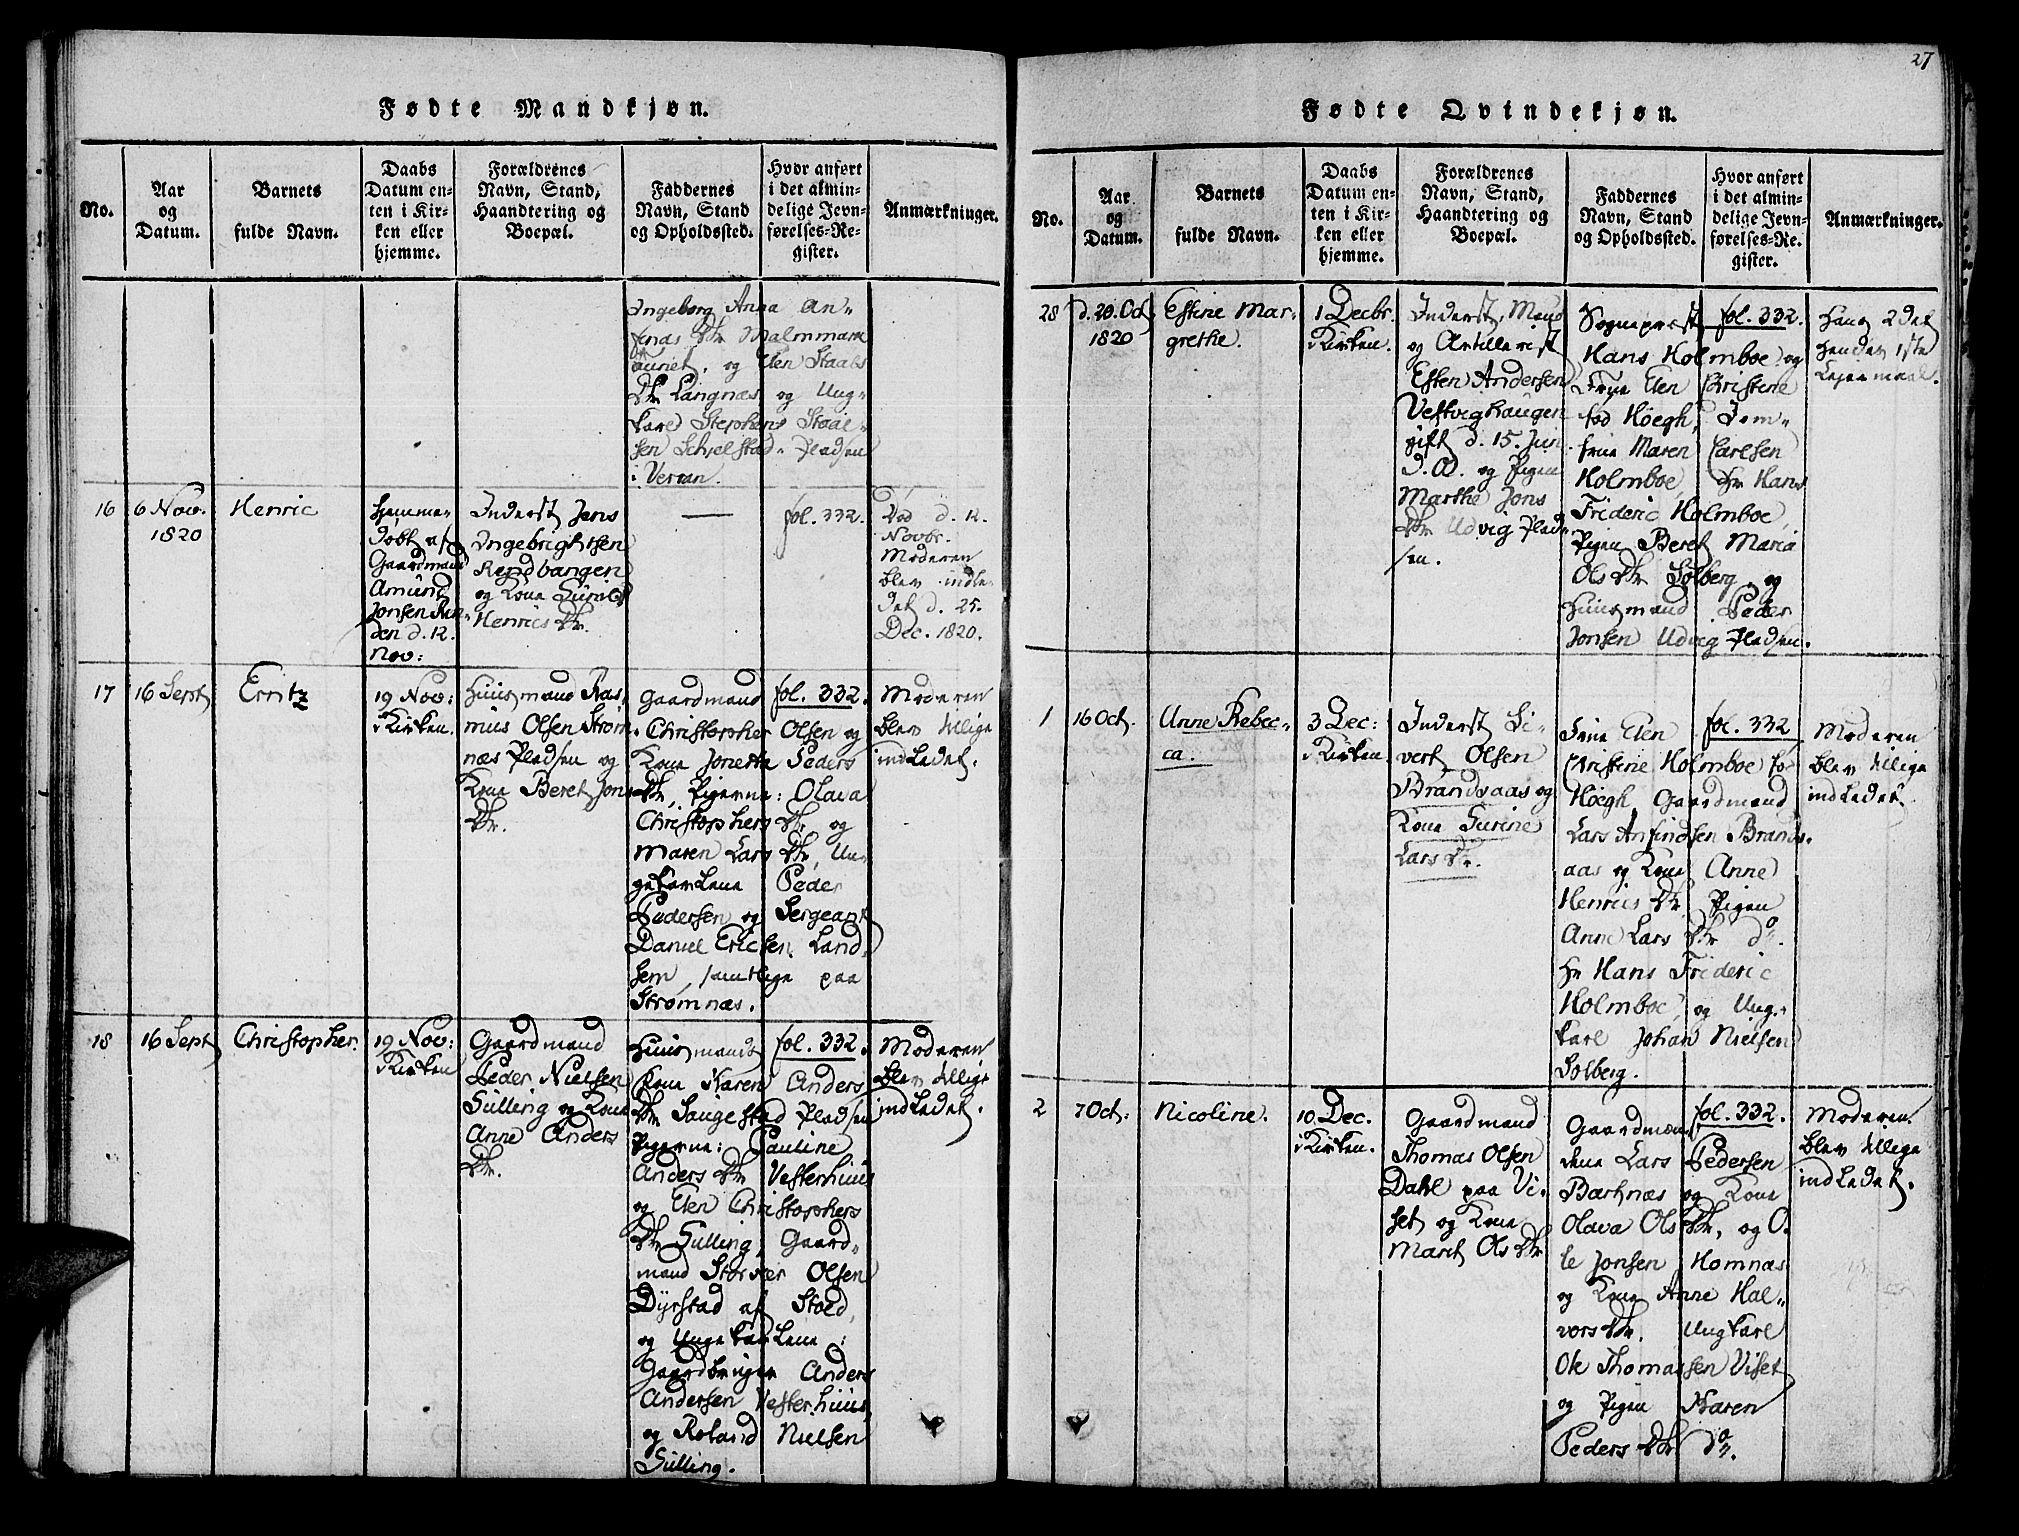 SAT, Ministerialprotokoller, klokkerbøker og fødselsregistre - Nord-Trøndelag, 741/L0387: Ministerialbok nr. 741A03 /1, 1817-1822, s. 27